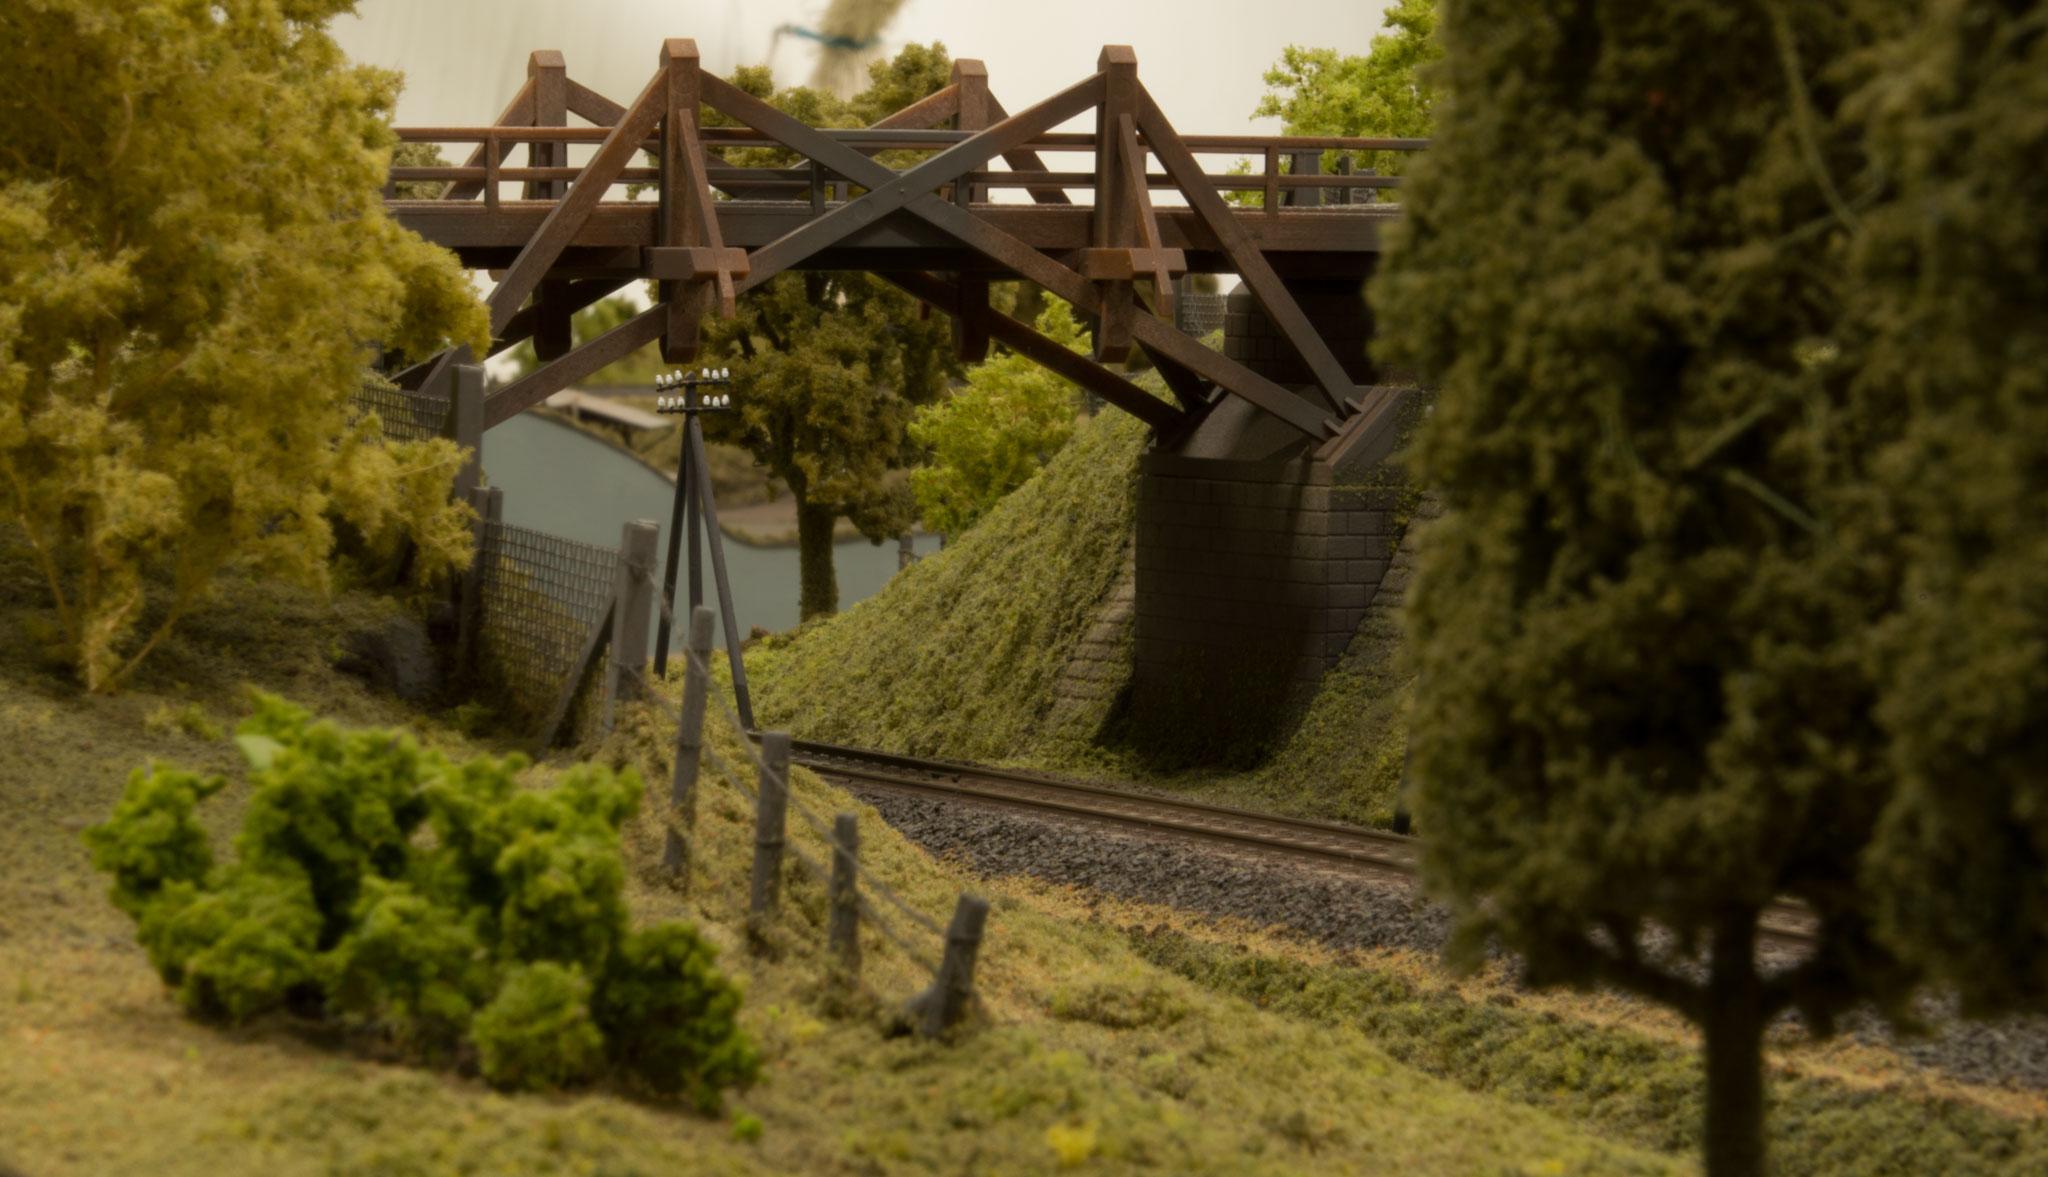 Bro på den tyske strækning